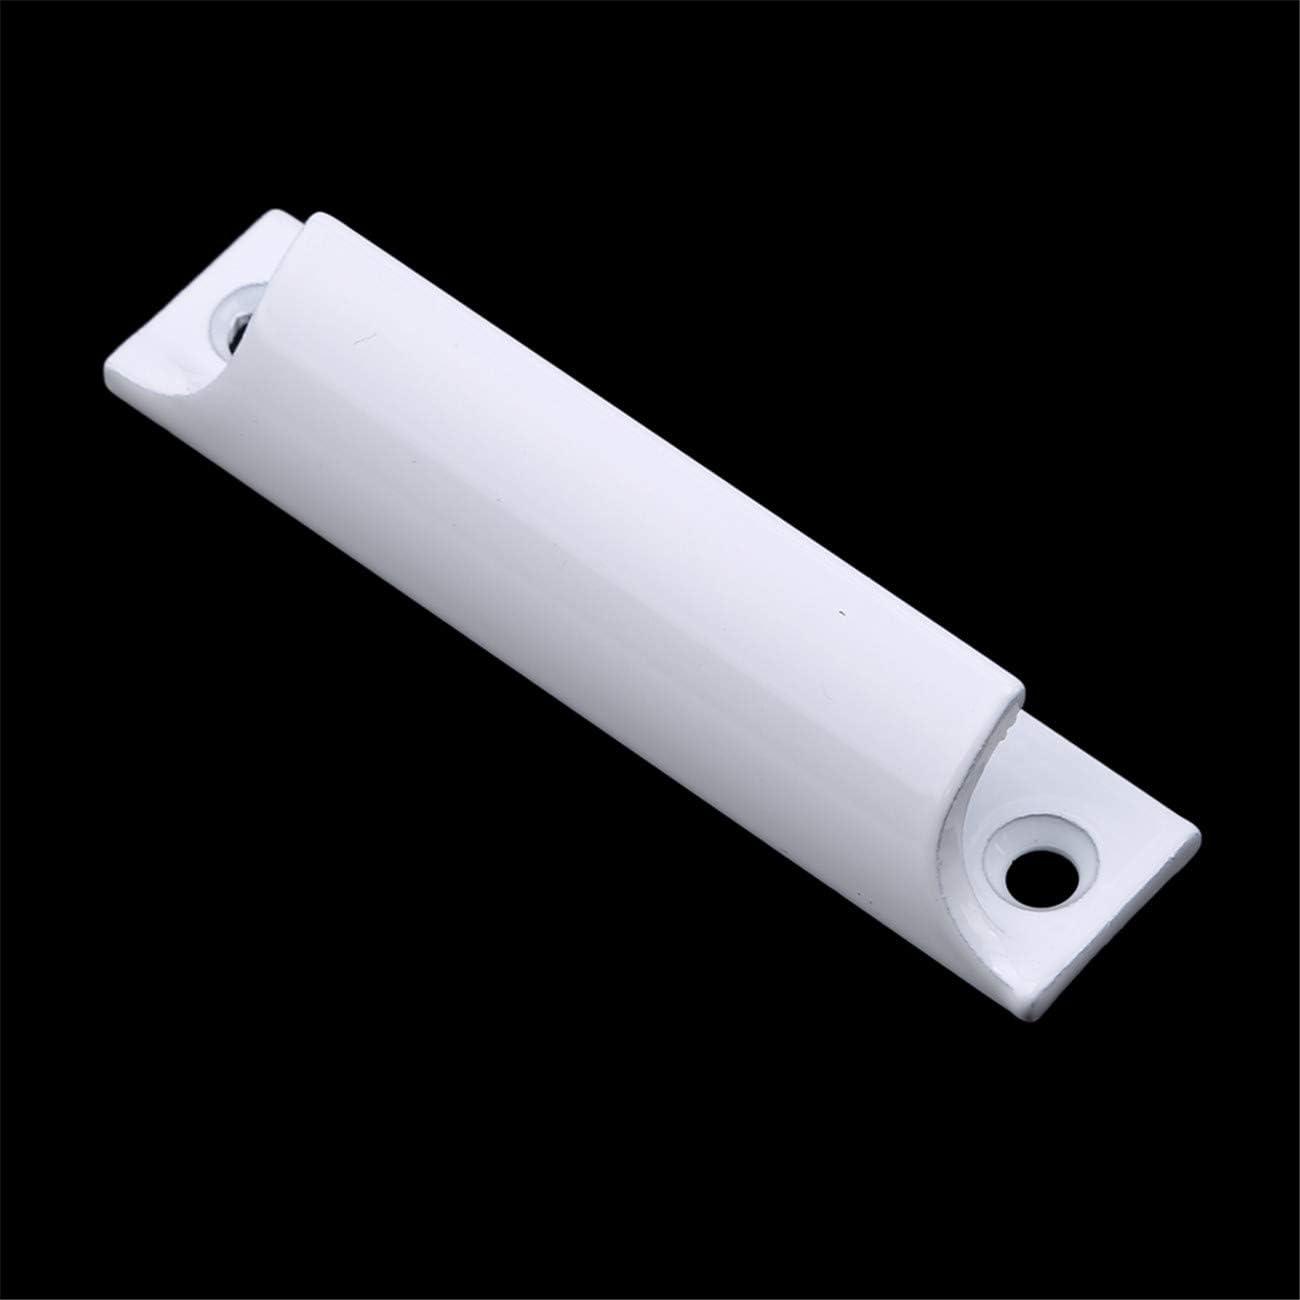 Wei/ß Bigsweety Aluminiumlegierung Schiebet/ür Griff T/ür K/üche Schrank Schrank Schublade Toilette Zugknopf